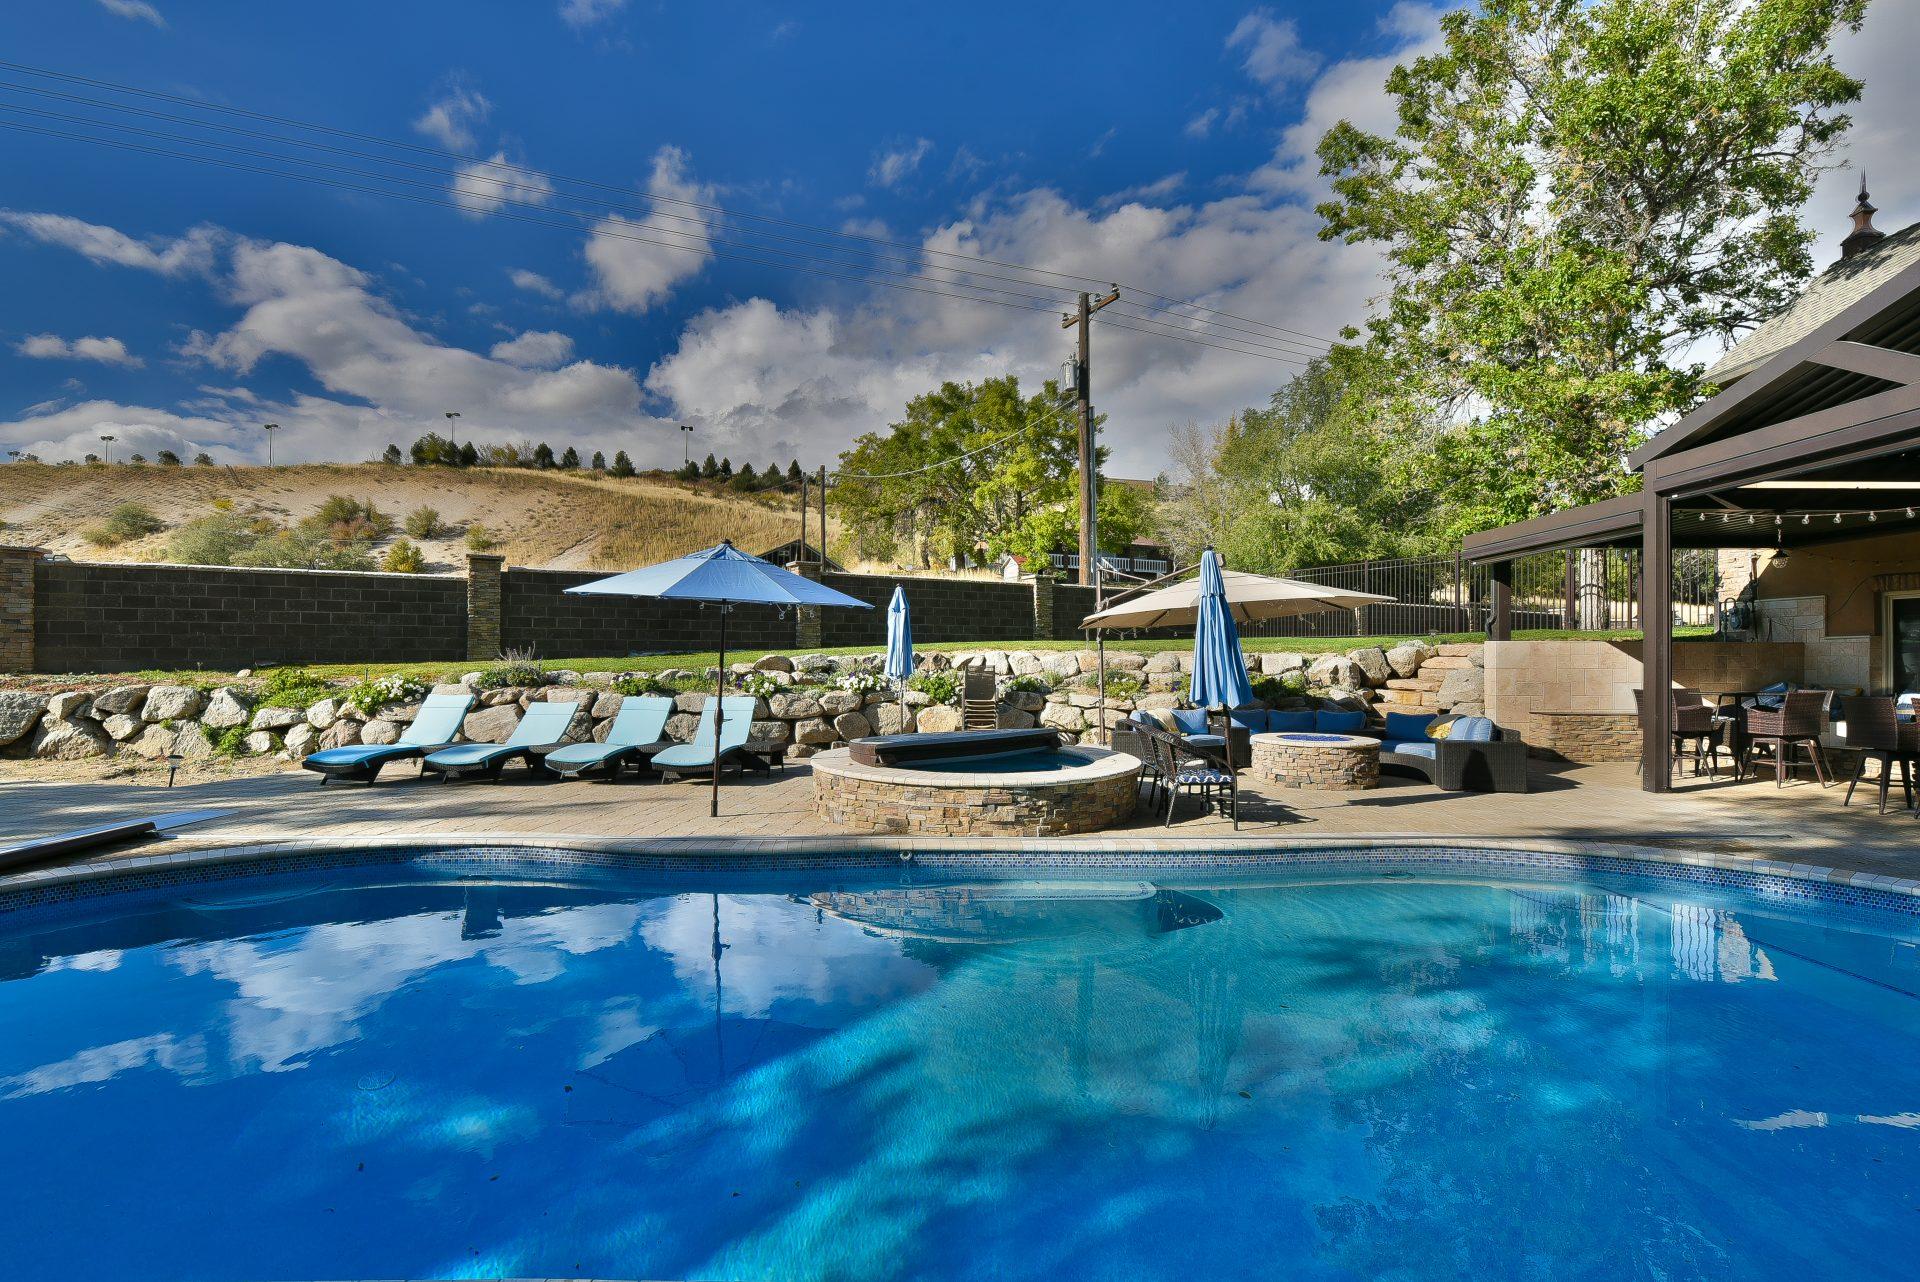 CCHC Backyard Pool